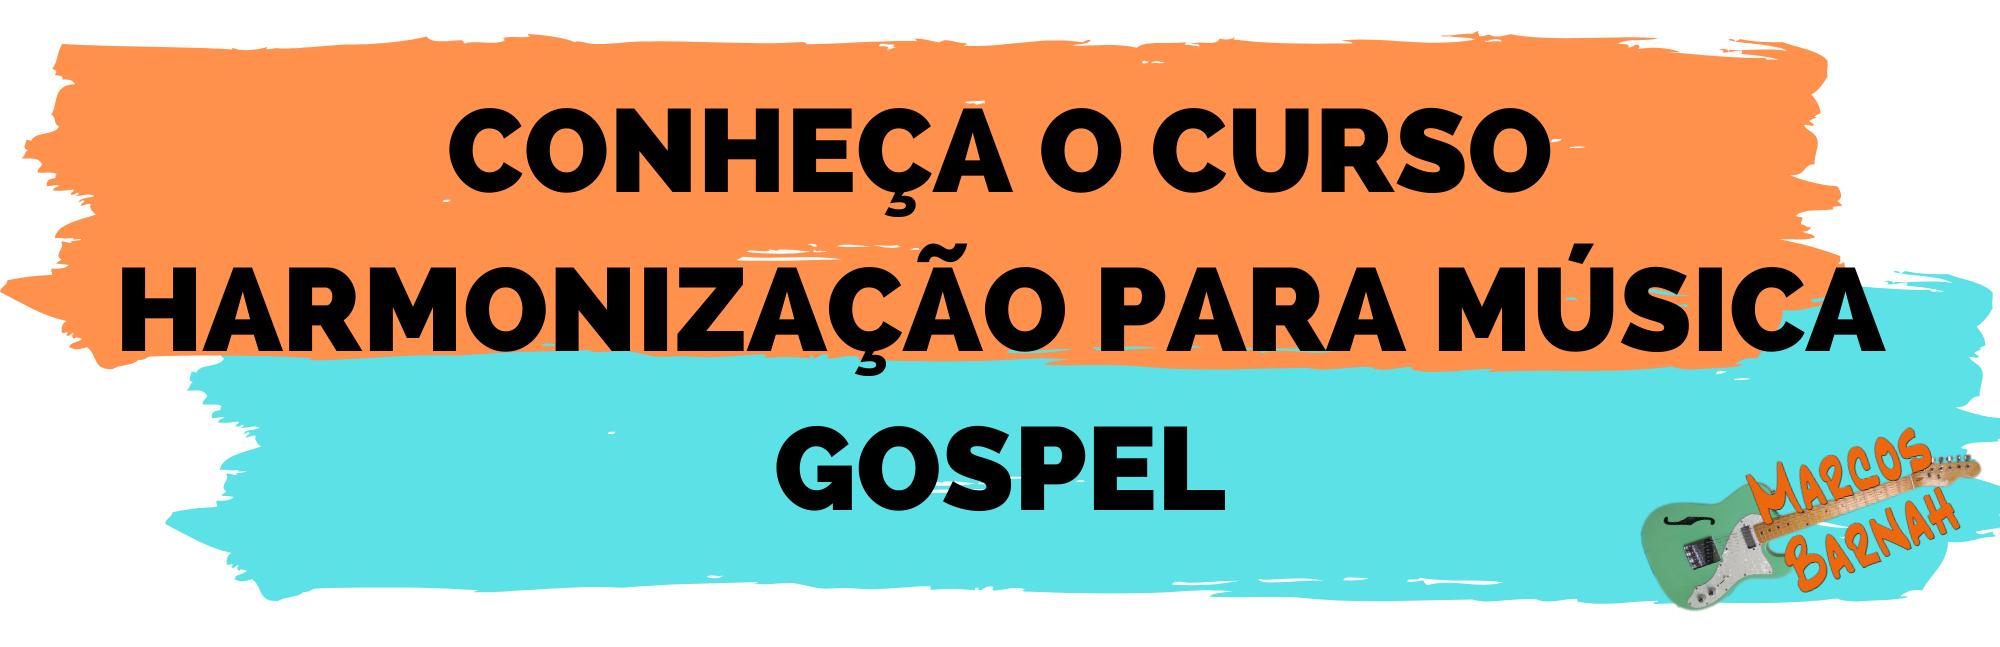 Harmonização para Música Gospel (1)